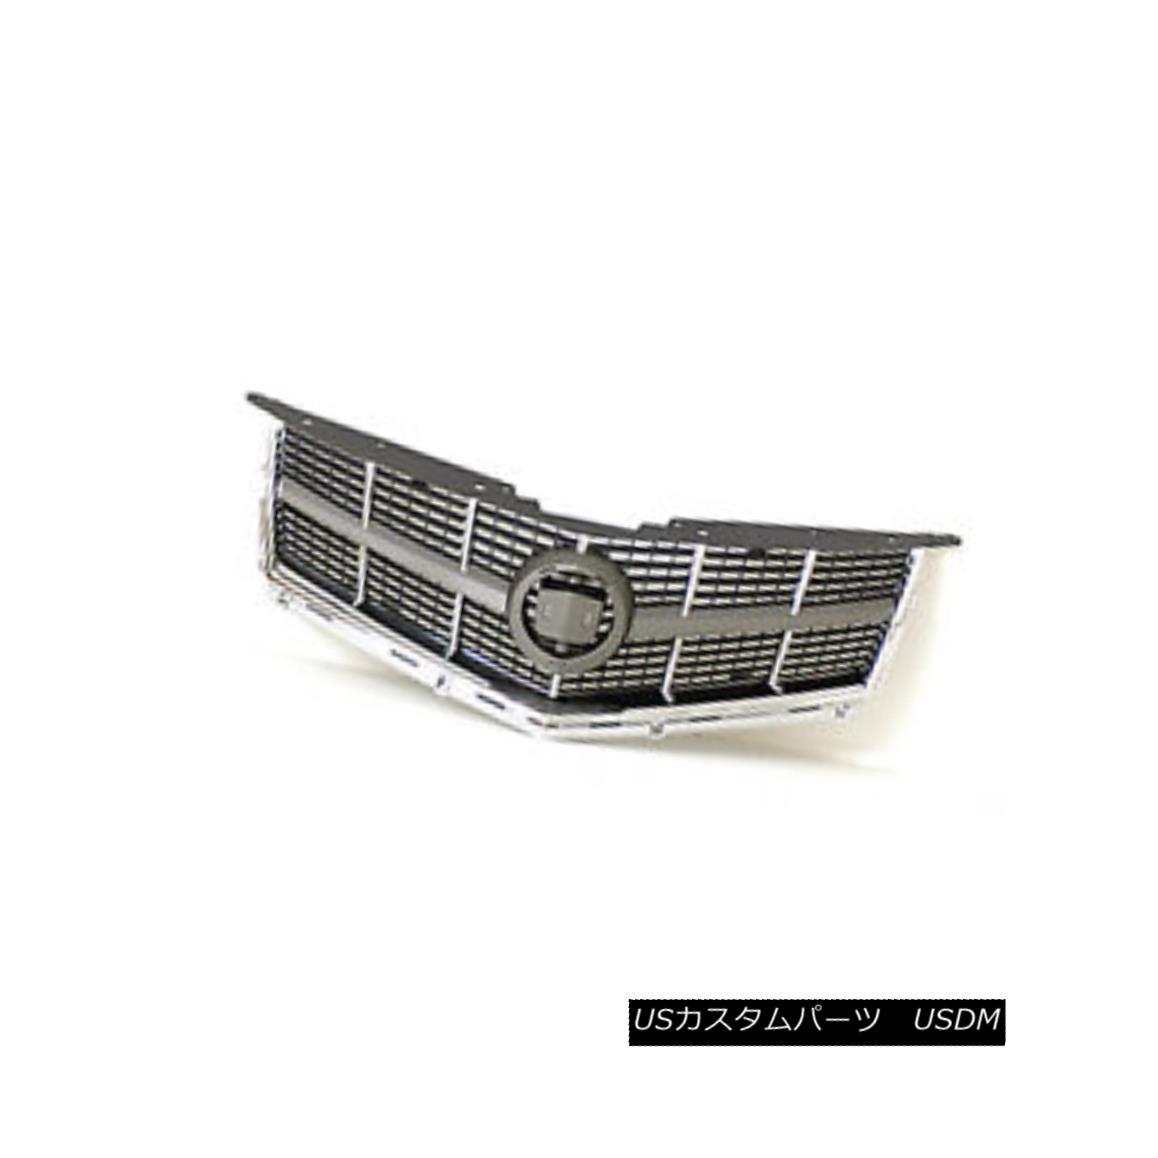 グリル Replacement Grille for 2010 2011 2012 2013 Cadillac SRX 2010年2011年2012年2013年キャデラックSRX用交換グリル